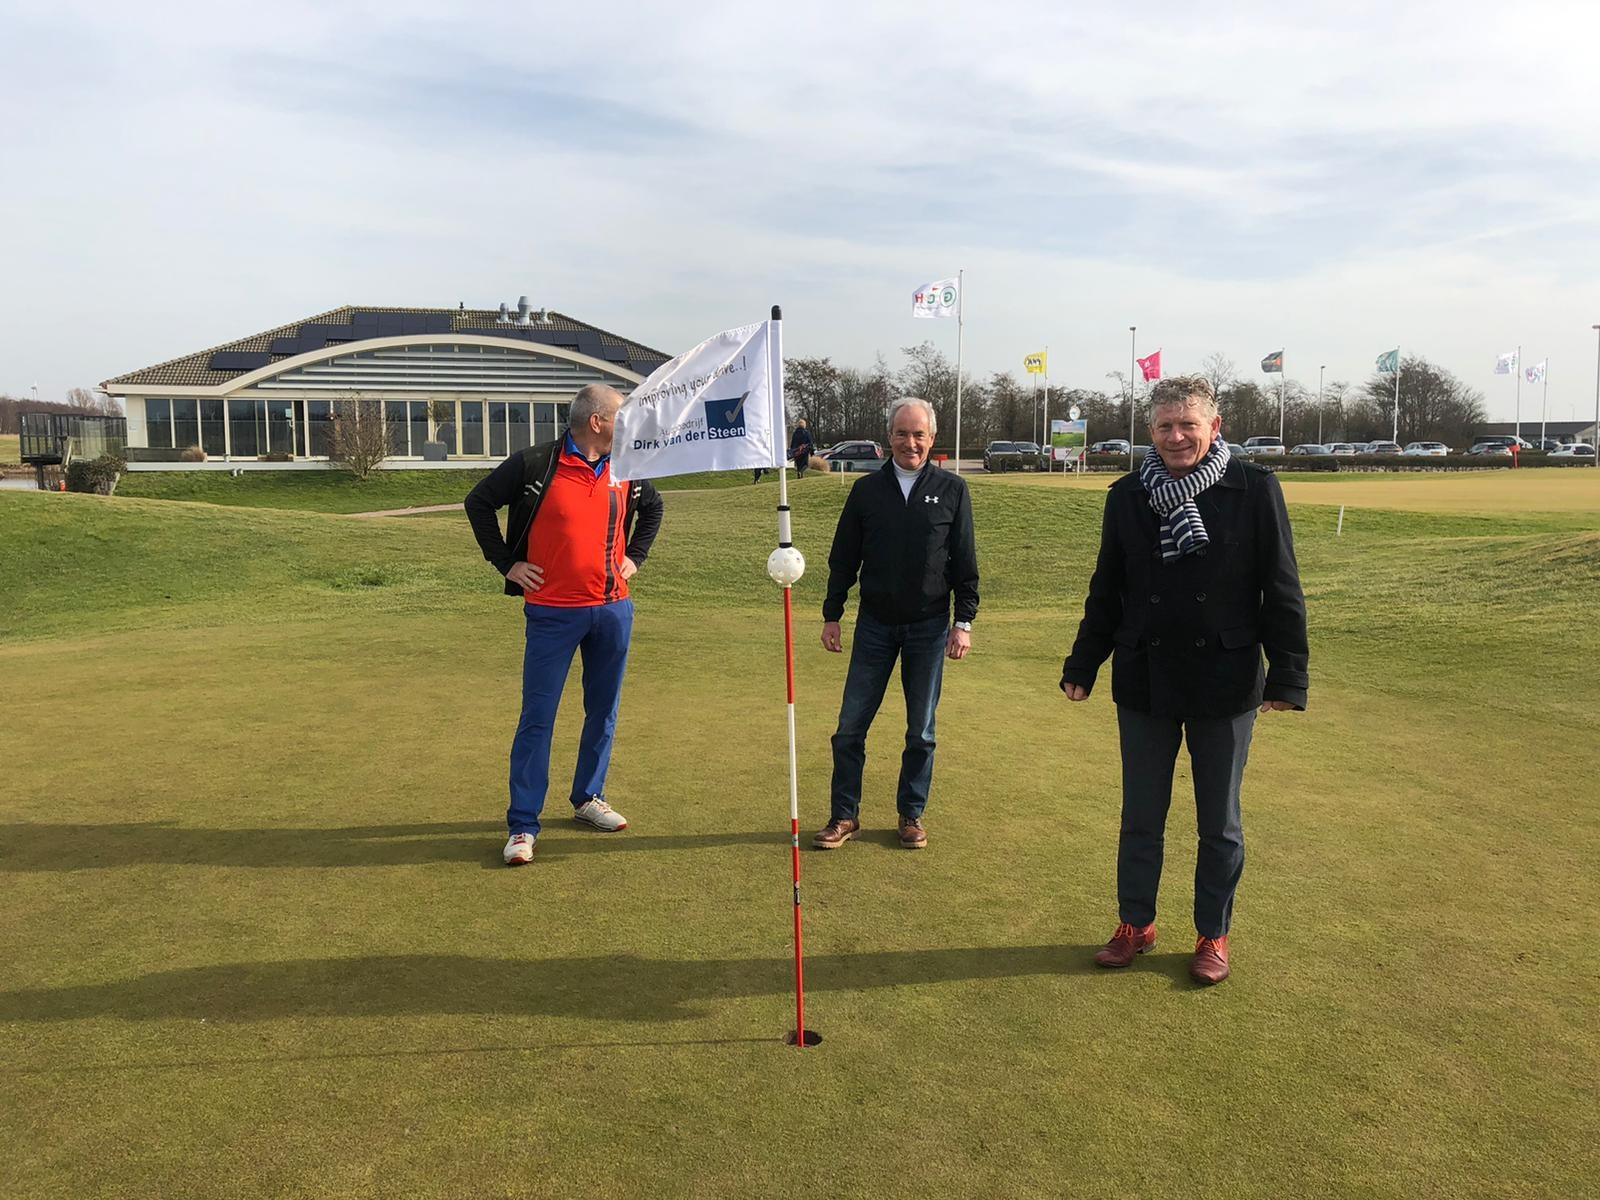 Autobedrijf Dirk van der Steen sponsort Golfclub Heiloo